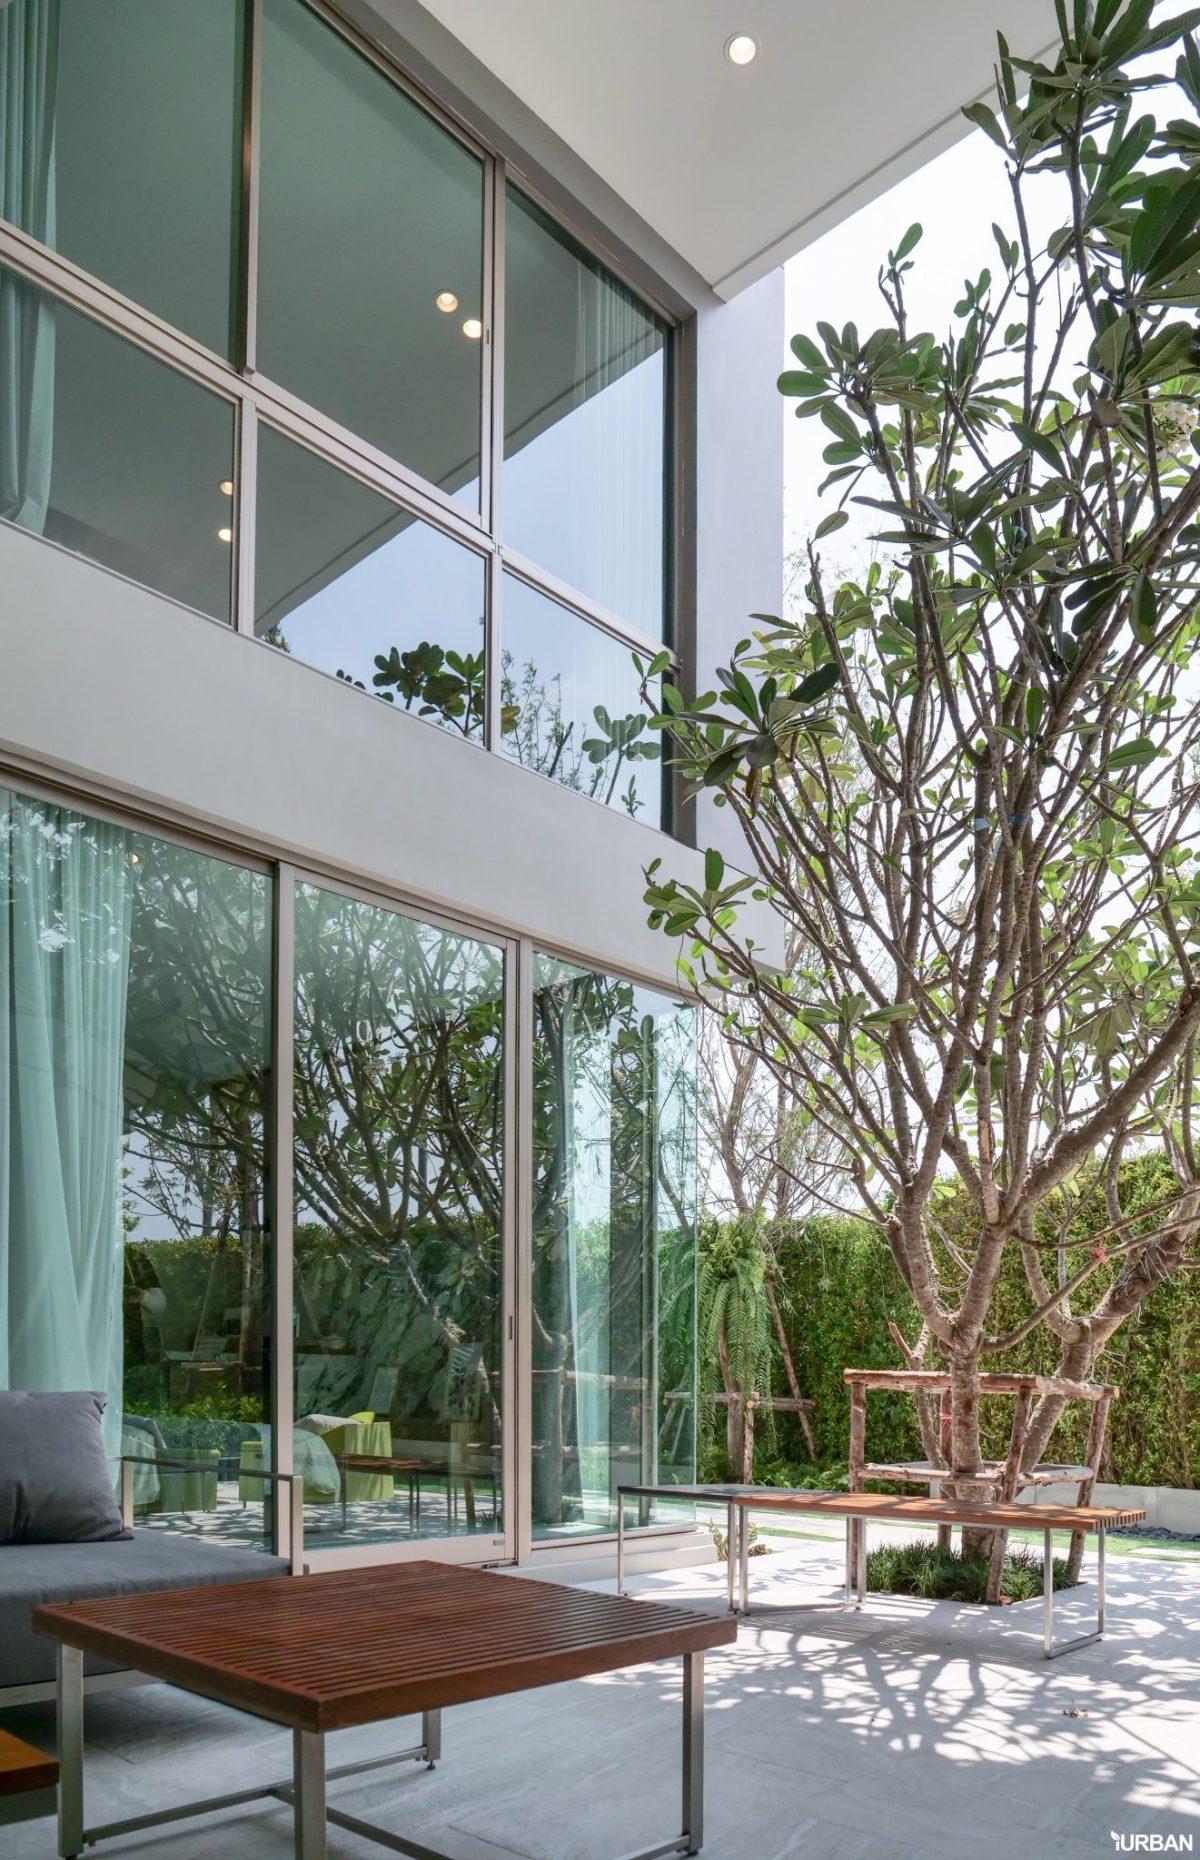 """""""เนอวานา ไดอิ"""" ปฏิวัติรูปแบบการอยู่อาศัย พร้อมเปิดโครงการ """"เนอวานา บียอนด์ พระราม 9-กรุงเทพกรีฑา"""" บ้านต้นแบบแนวคิดใหม่ 29 -"""